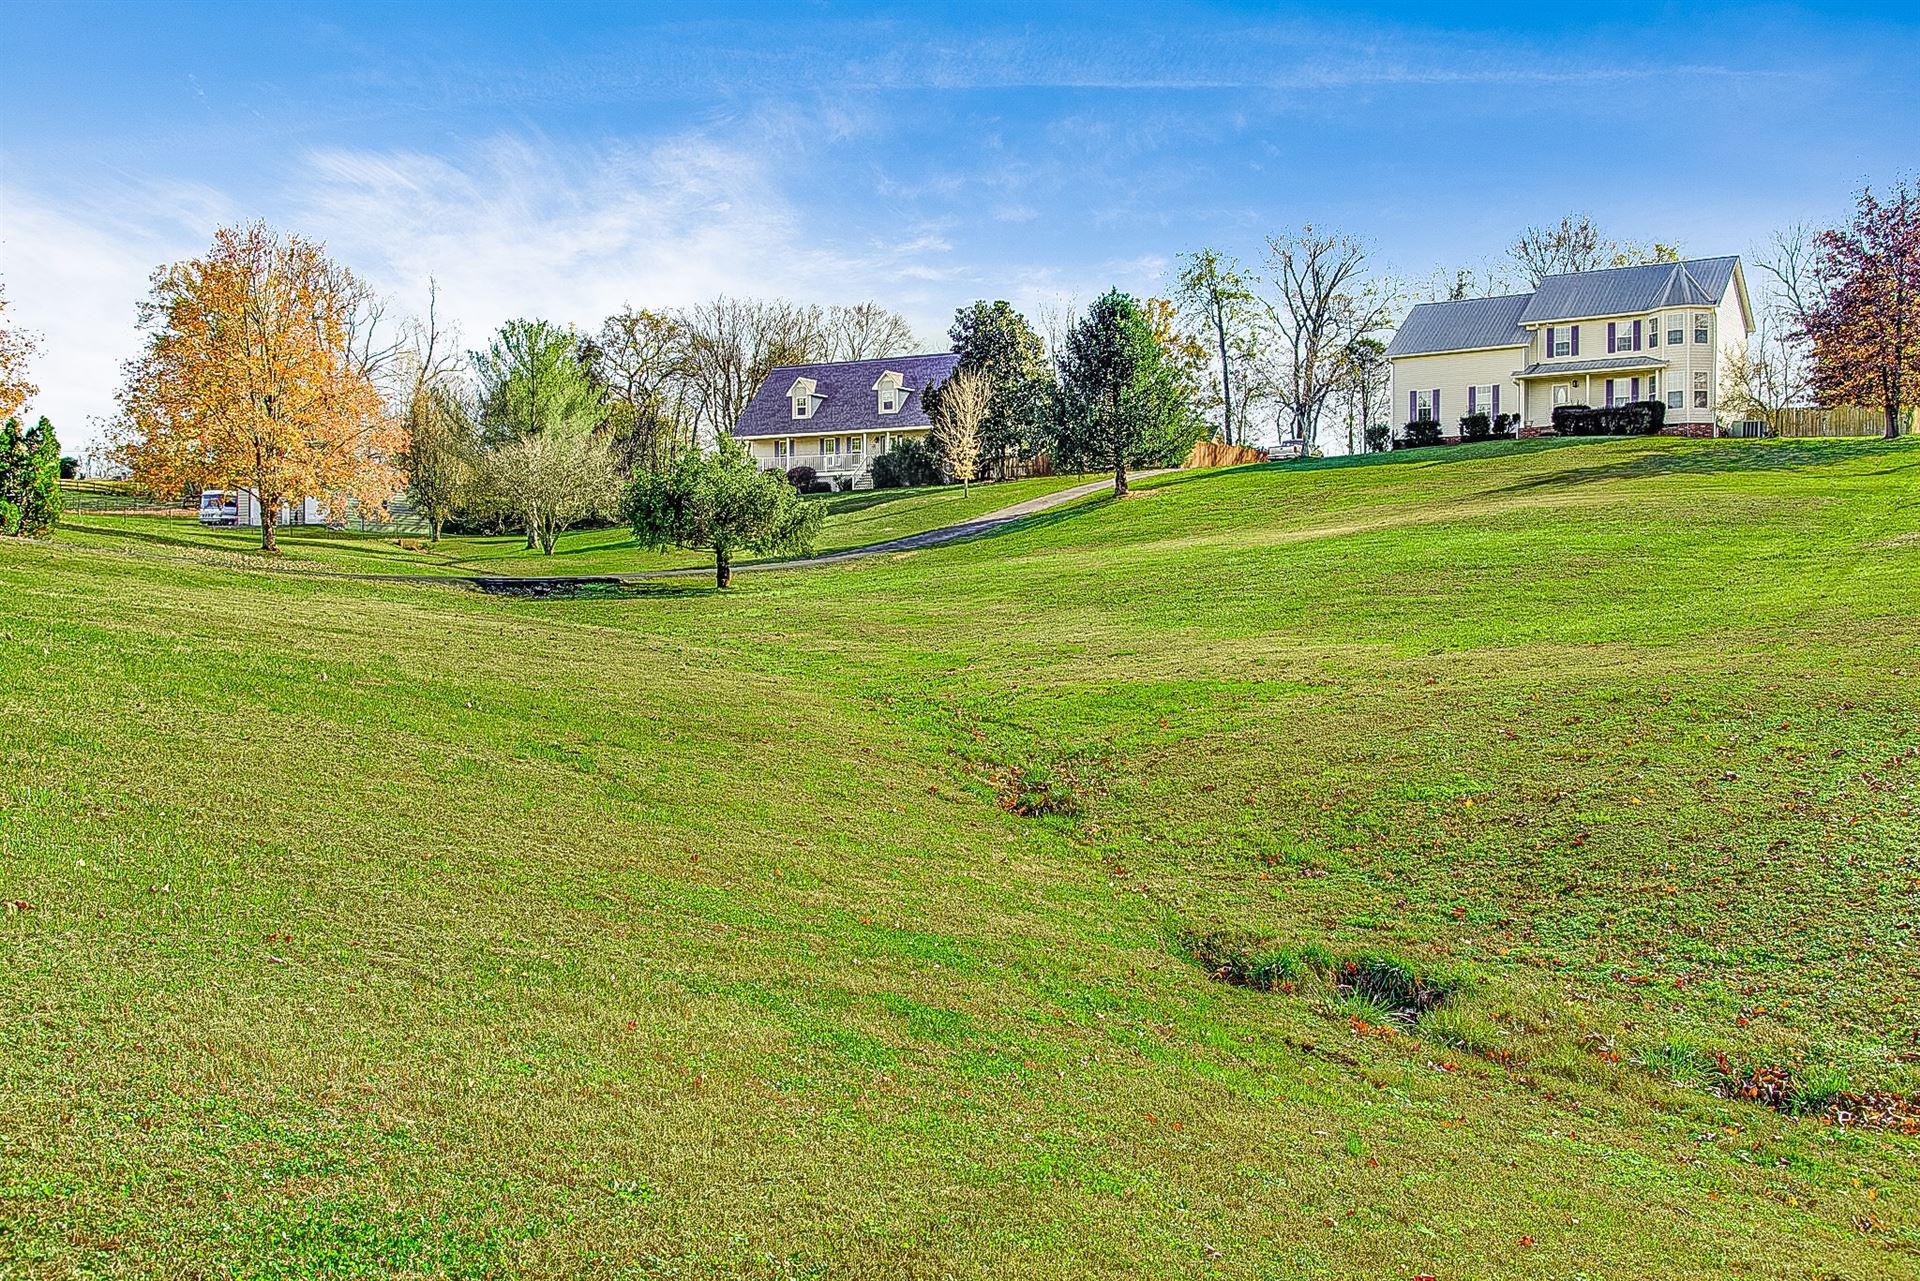 Photo of 615 Vaughans Gap Rd, Spring Hill, TN 37174 (MLS # 2208961)